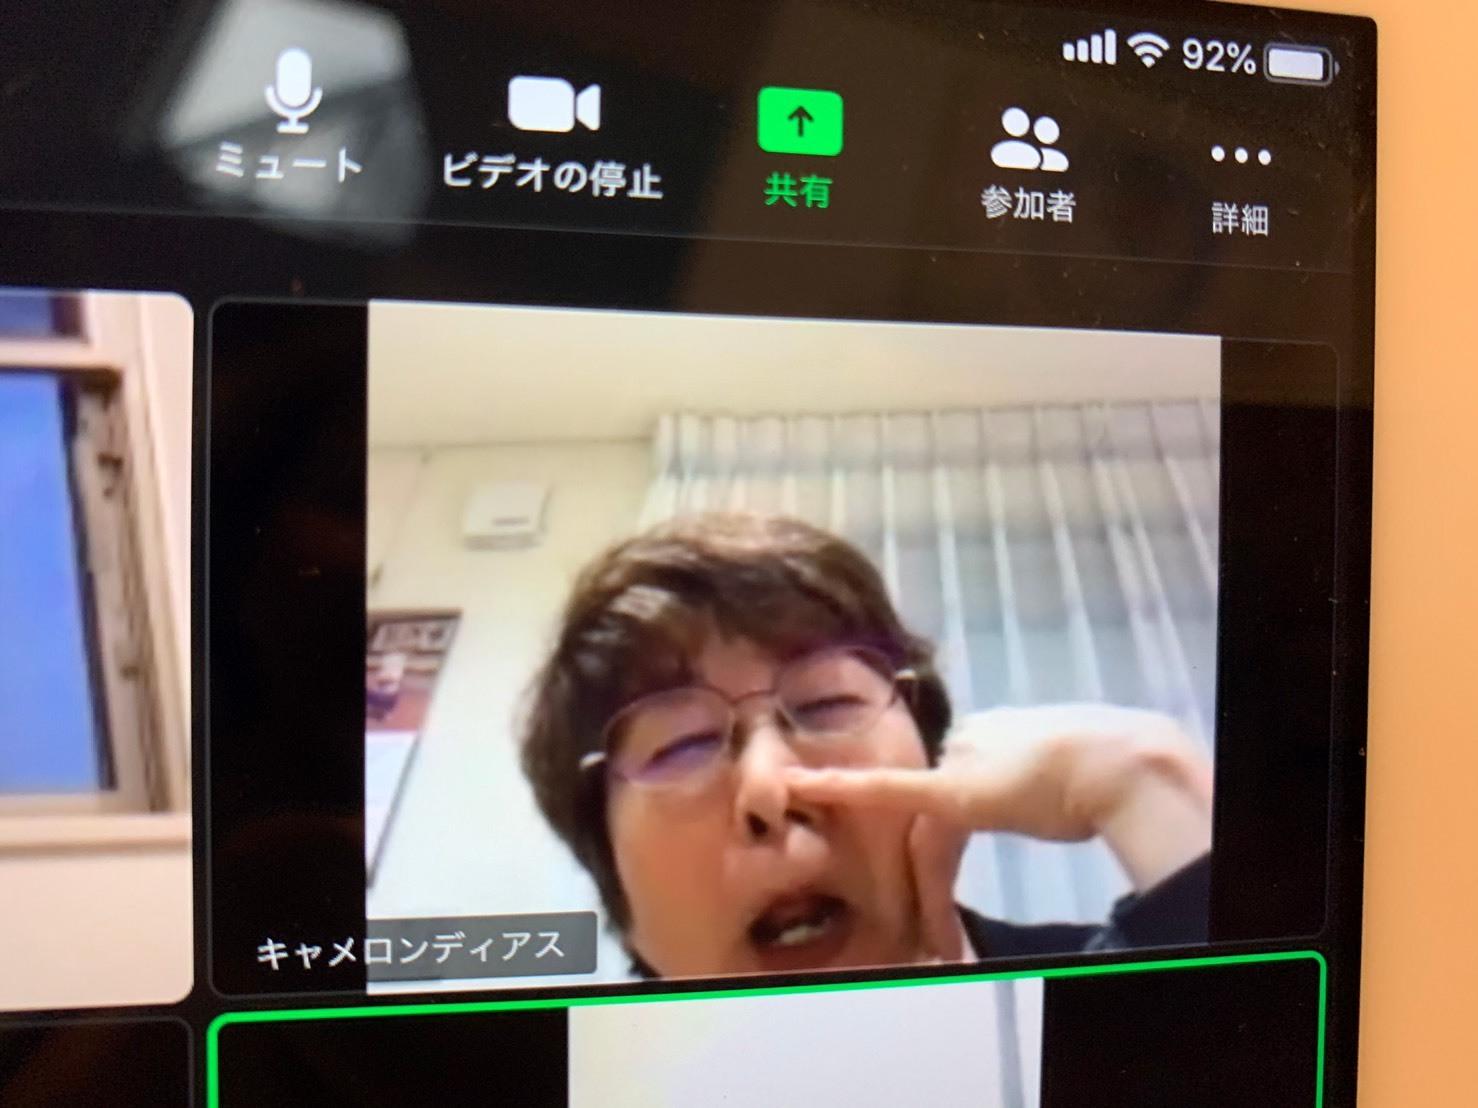 みんなに会いたいよ〜〜_a0163623_12090708.jpg